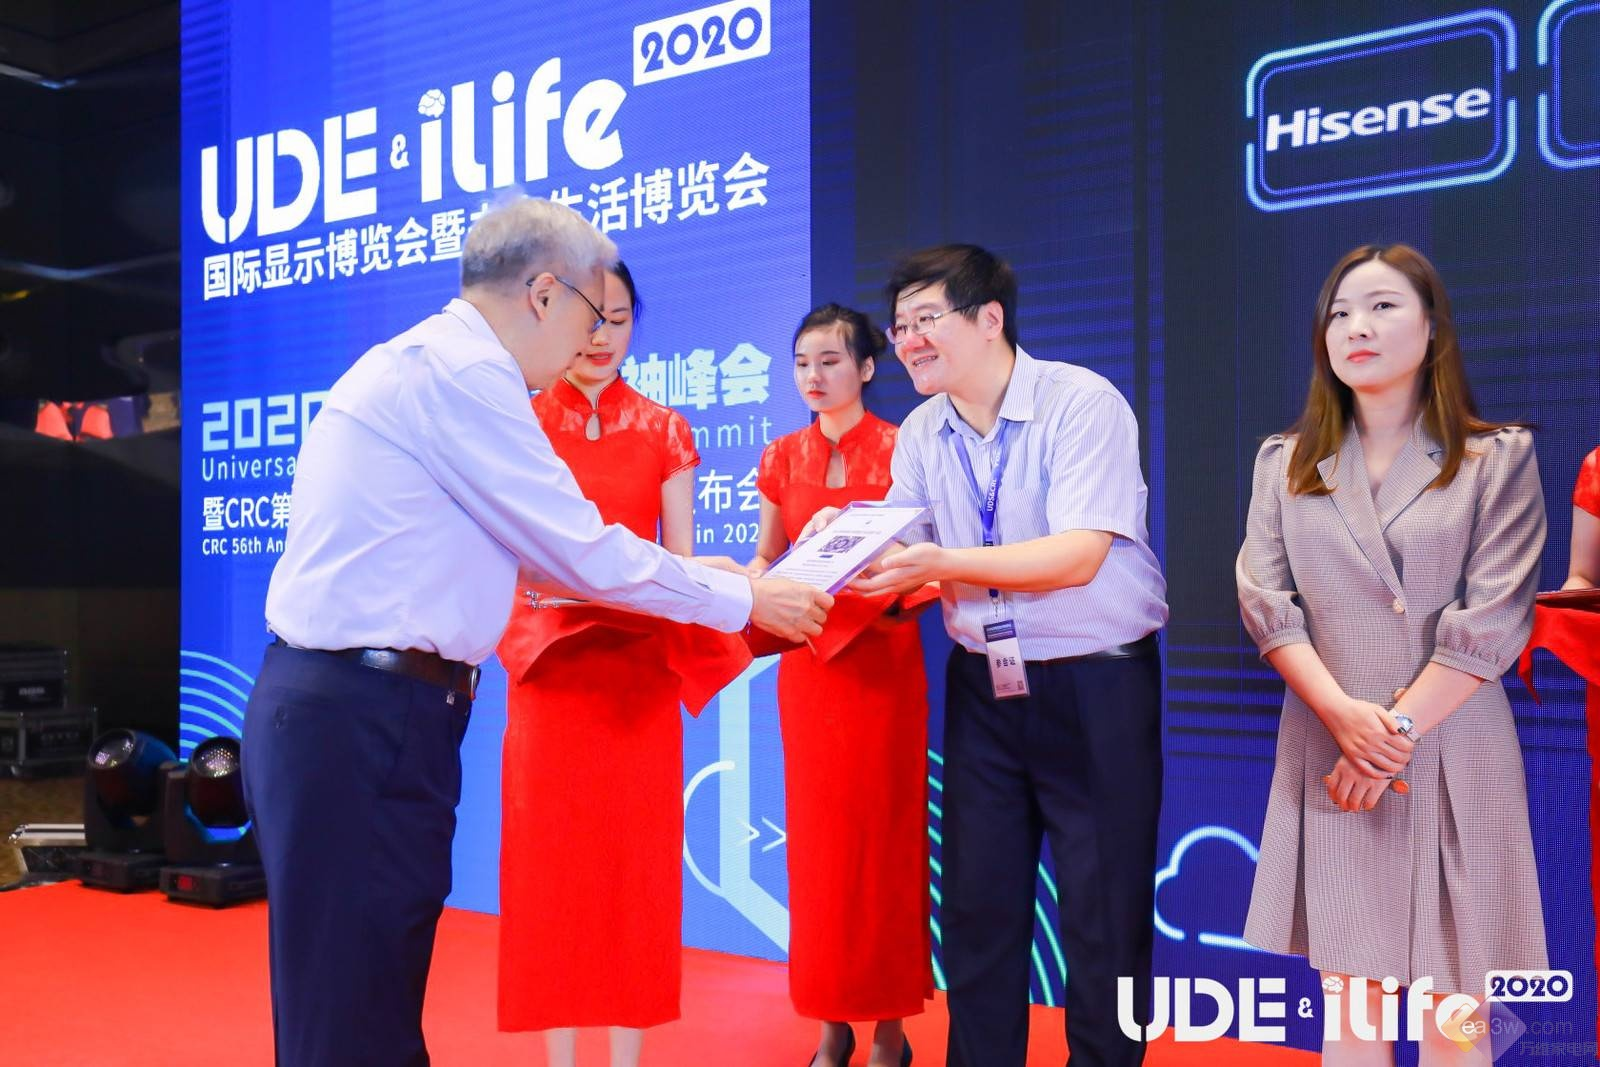 海信激光电视上半年增幅超33%,100L9-PRO斩获创新产品奖